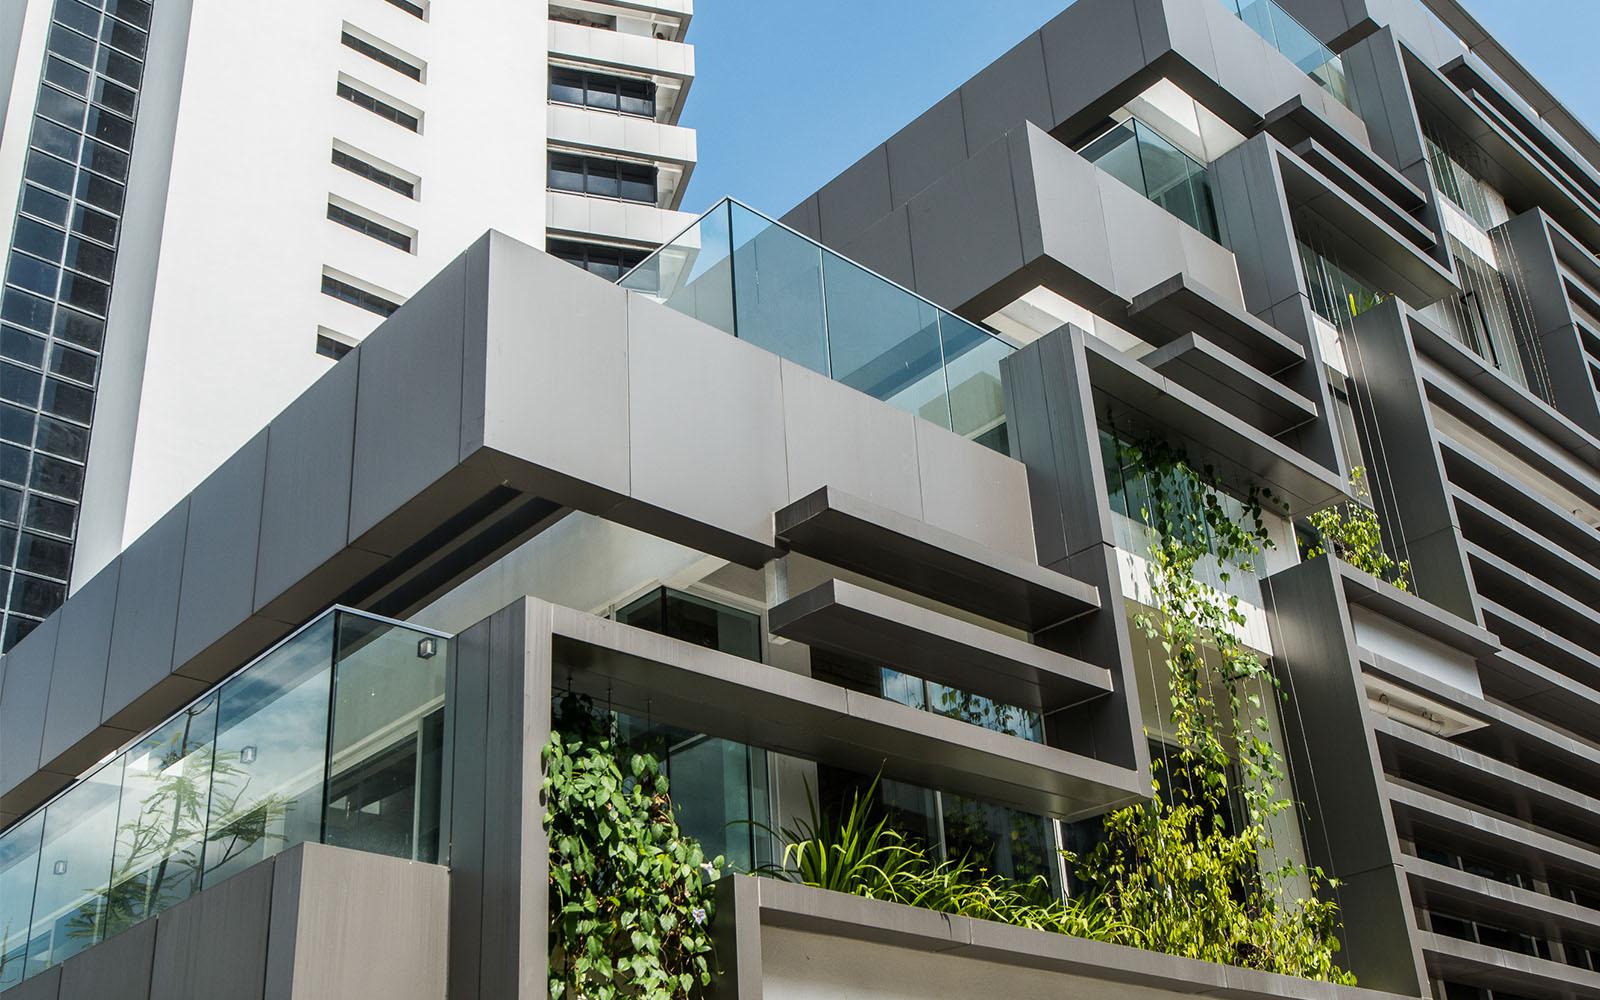 IMG 6 plaza vads ecological architect balcony designed